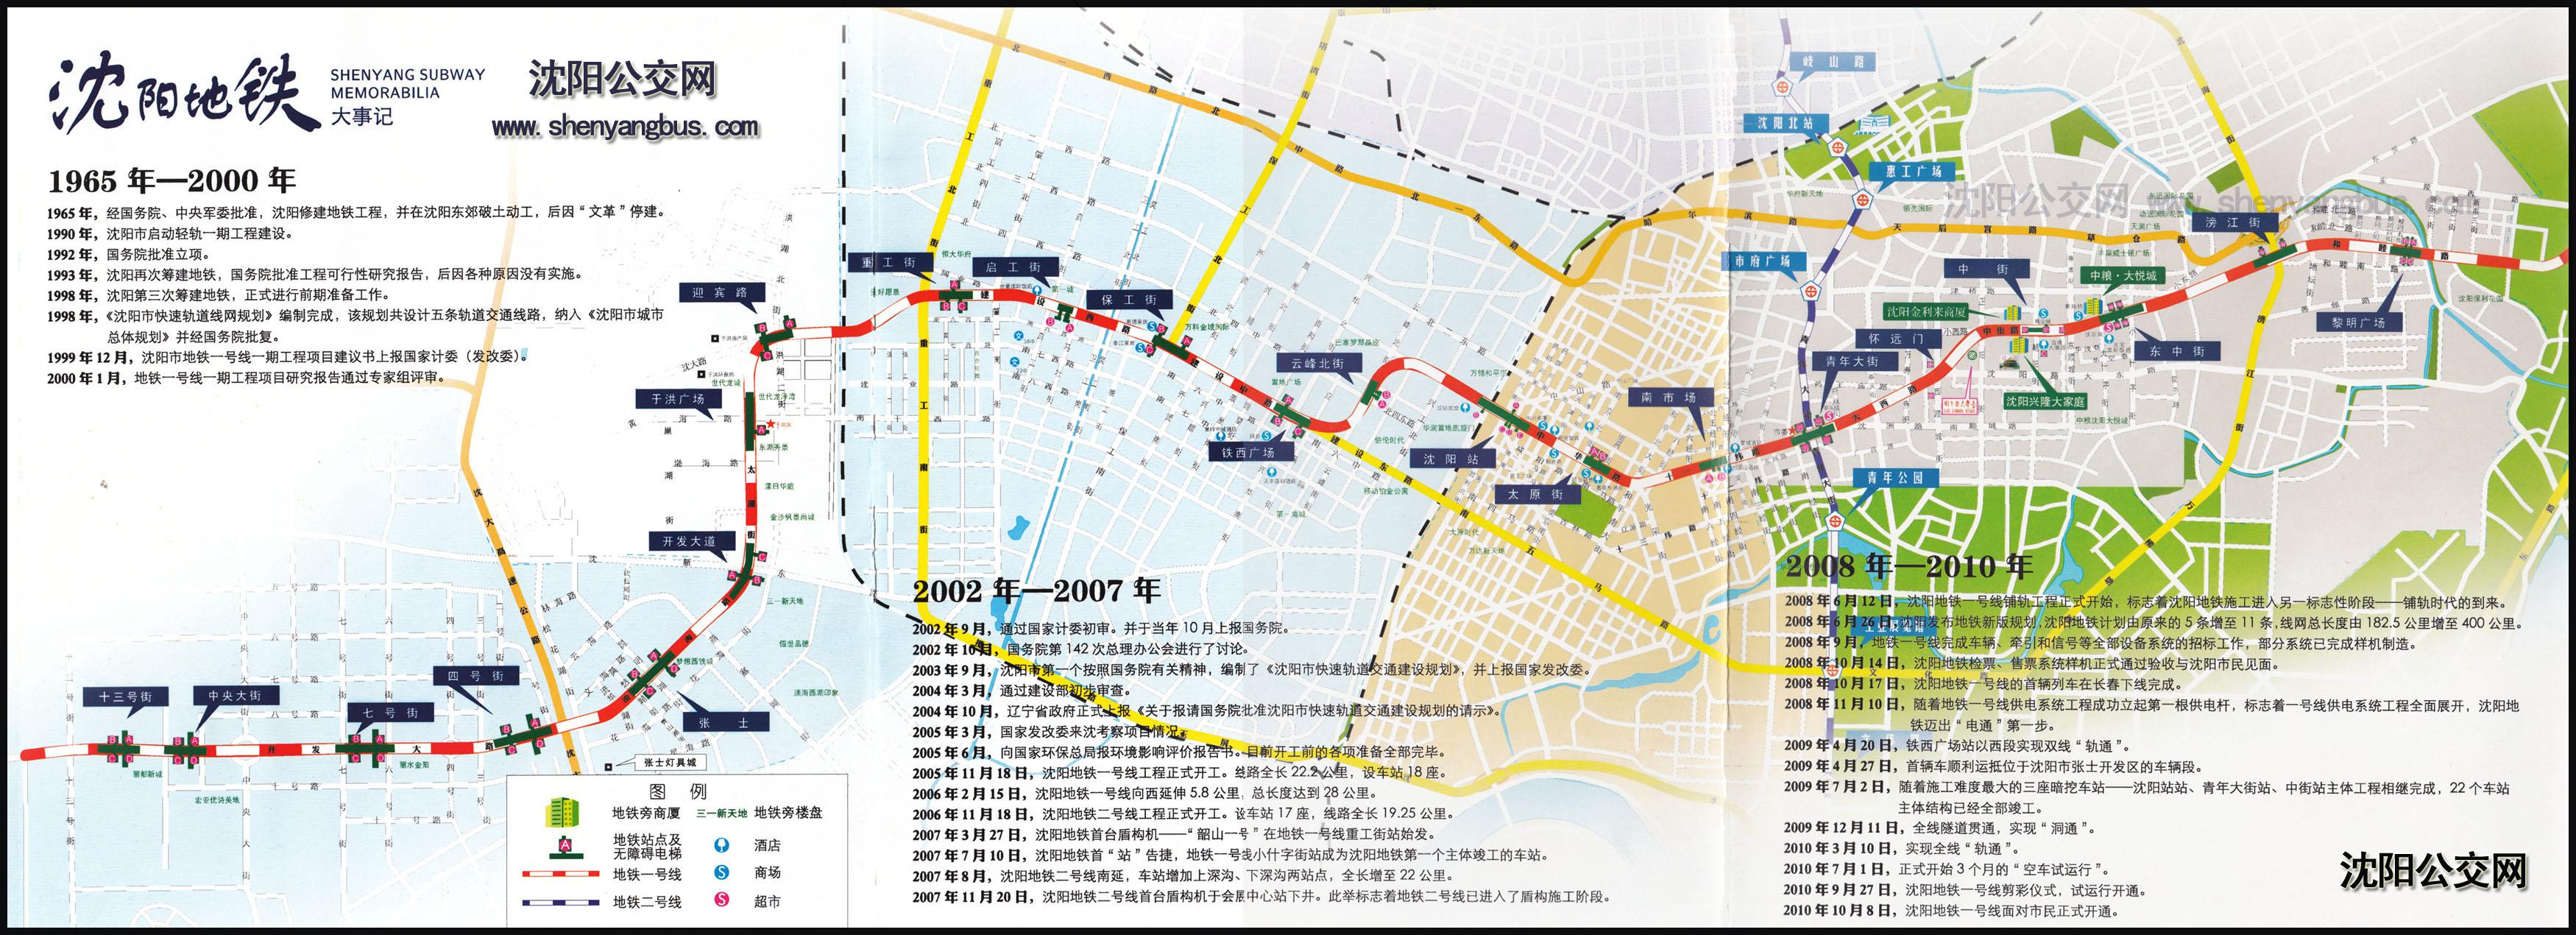 沈阳地铁线路图 一号线线路走向图图片